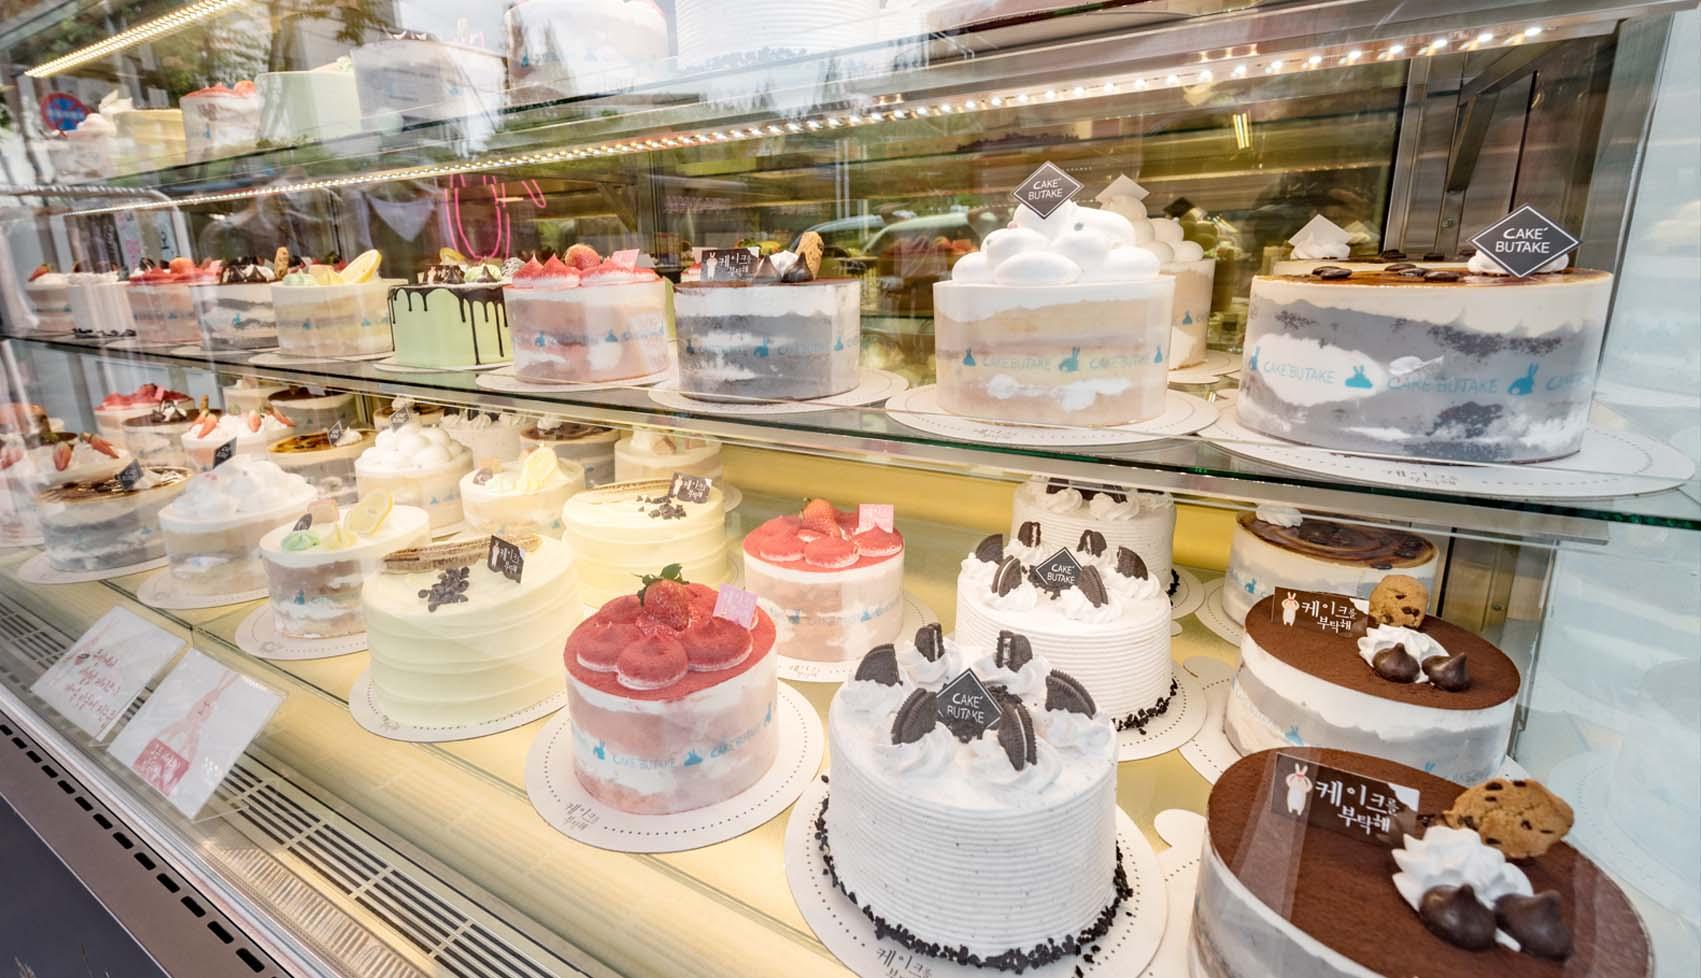 케이크를 부탁해의 케이크들